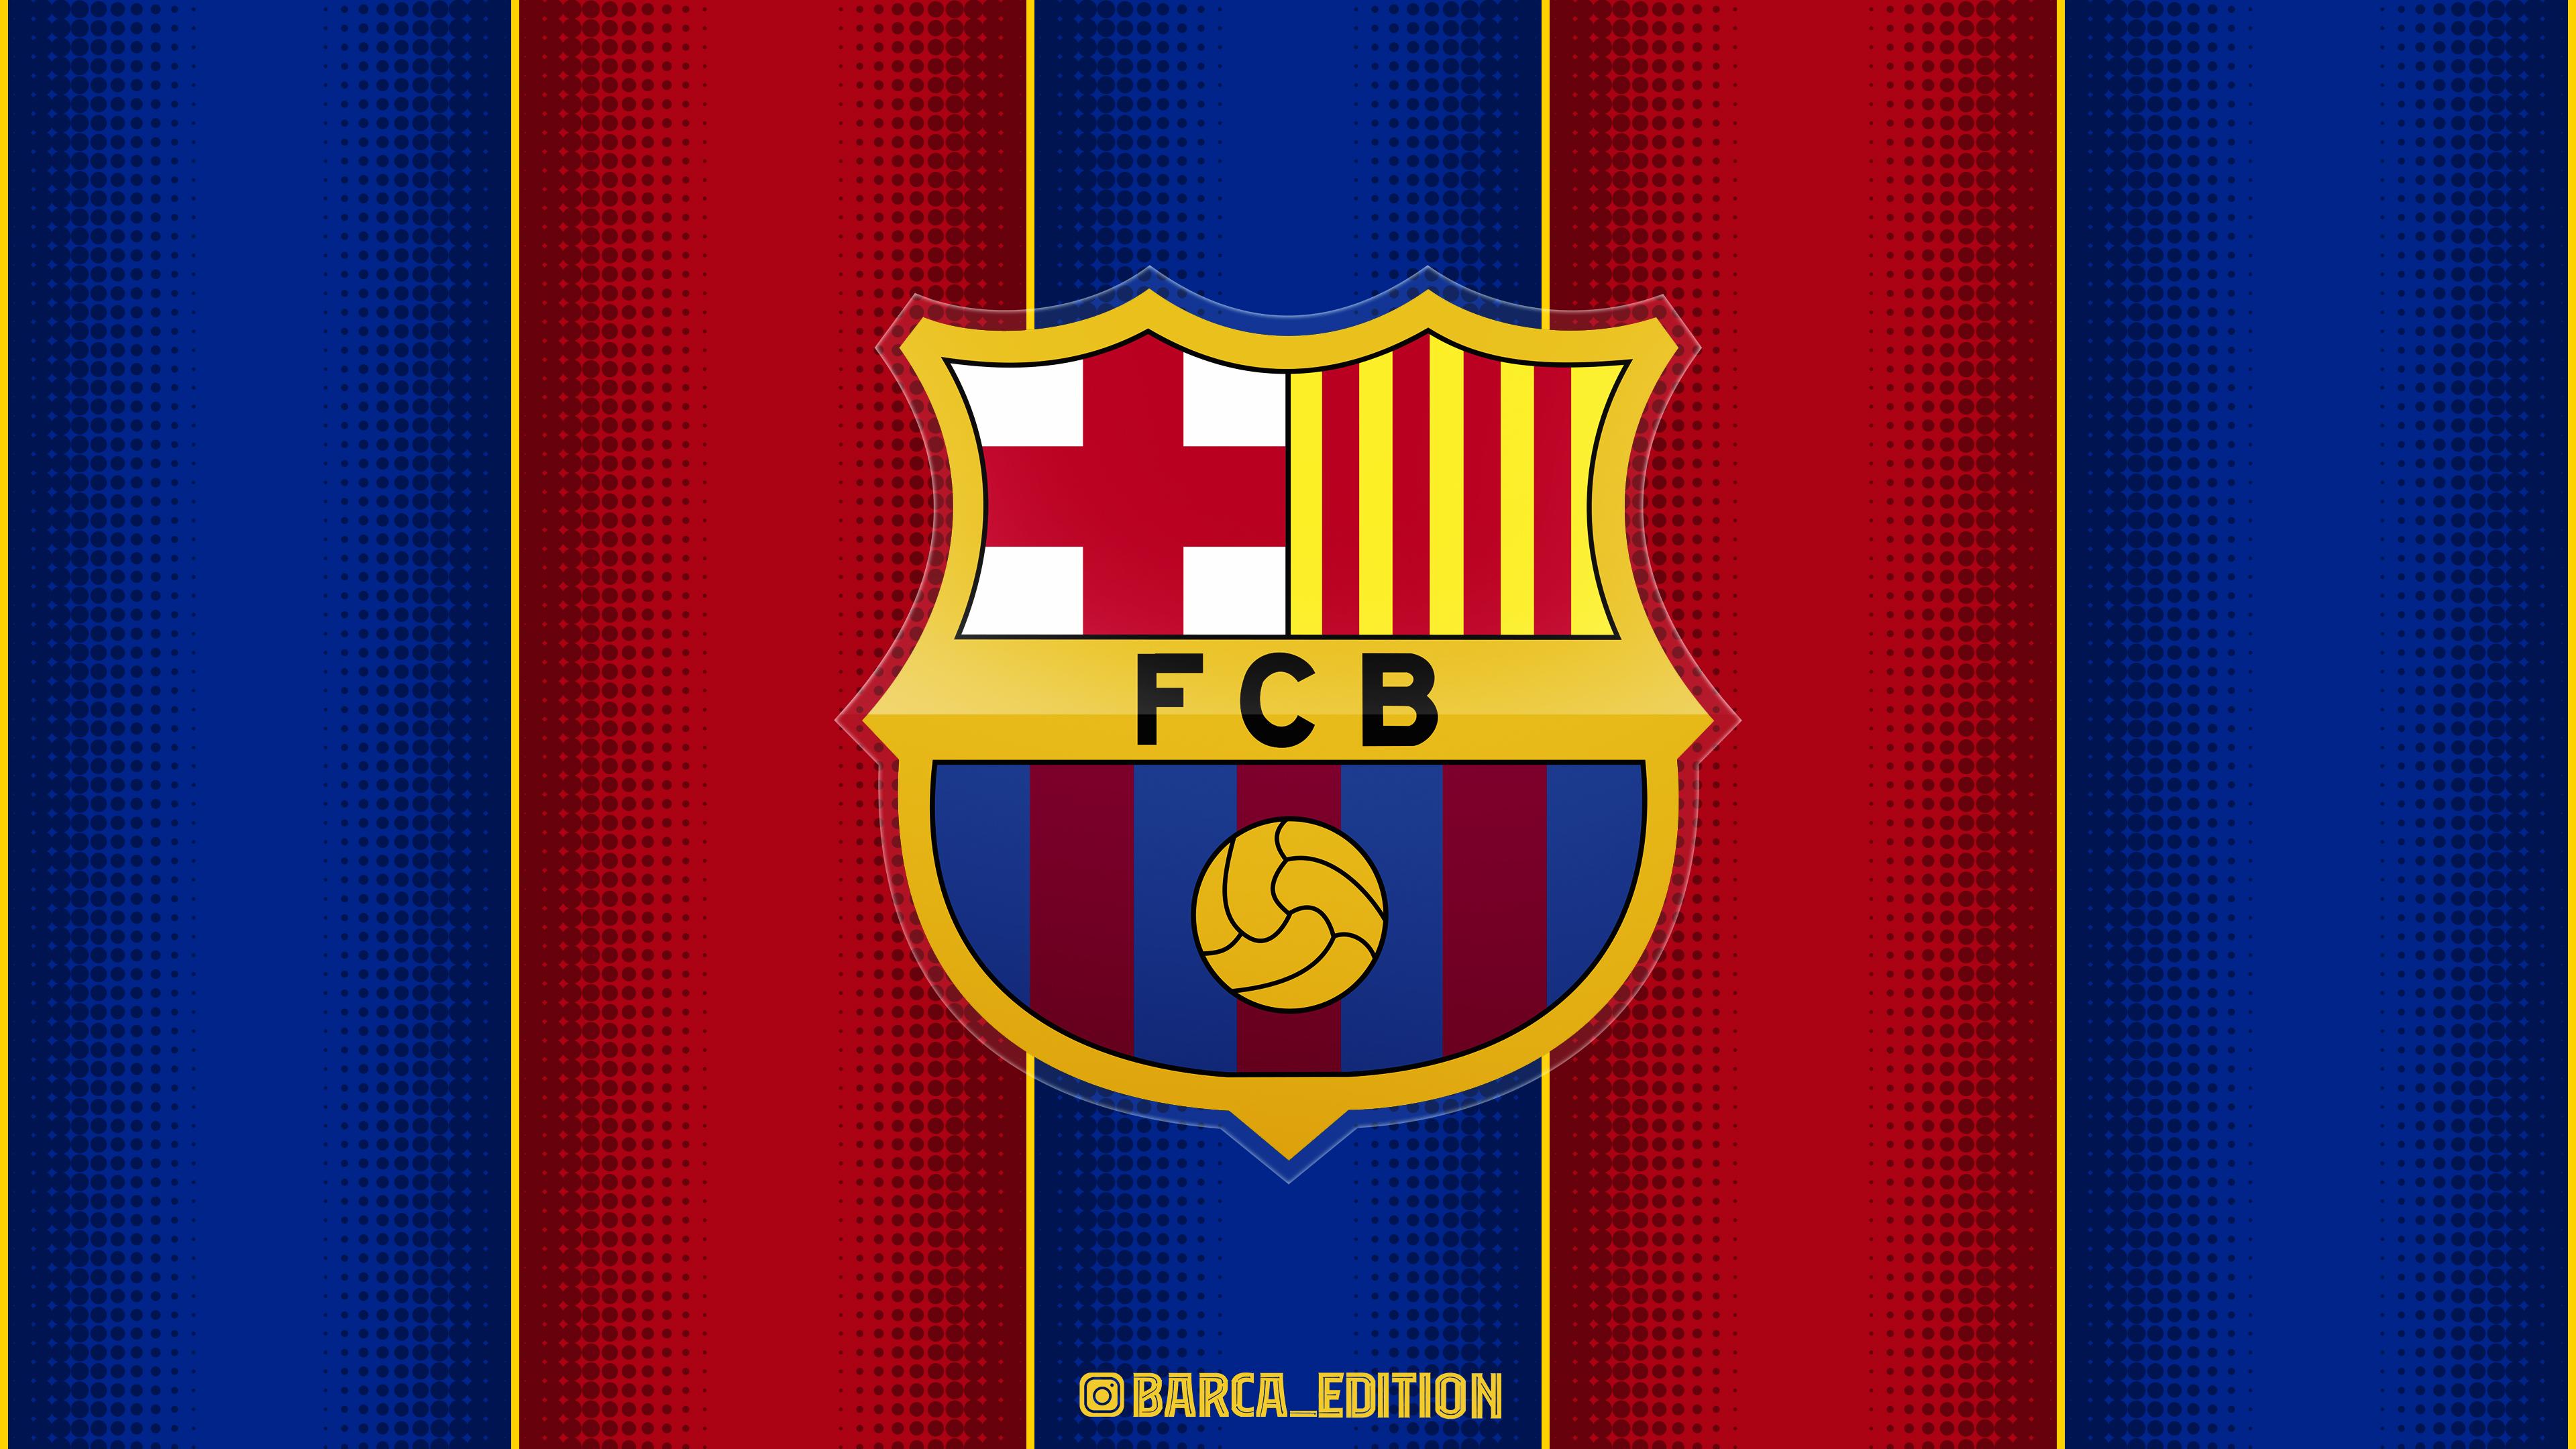 FC Barcelona 2021 WALLPAPER 4K by SelvedinFCB 3840x2160